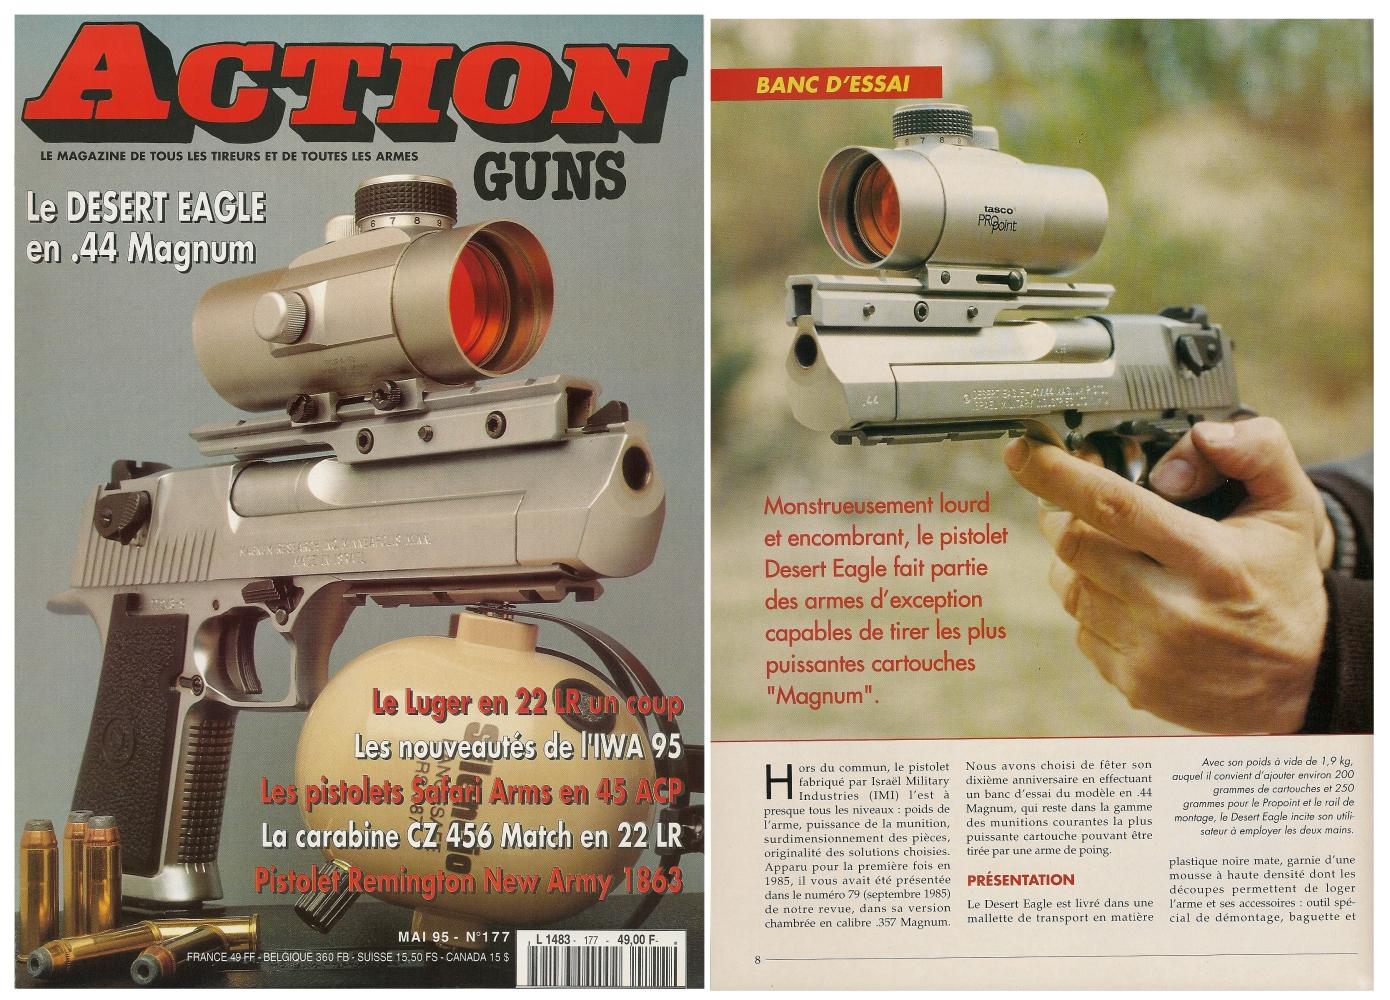 Le banc d'essai du pistolet Desert Eagle en calibre .44 Magnum a été publié sur 7 pages dans le magazine Action Guns n° 177 (mai 1995).